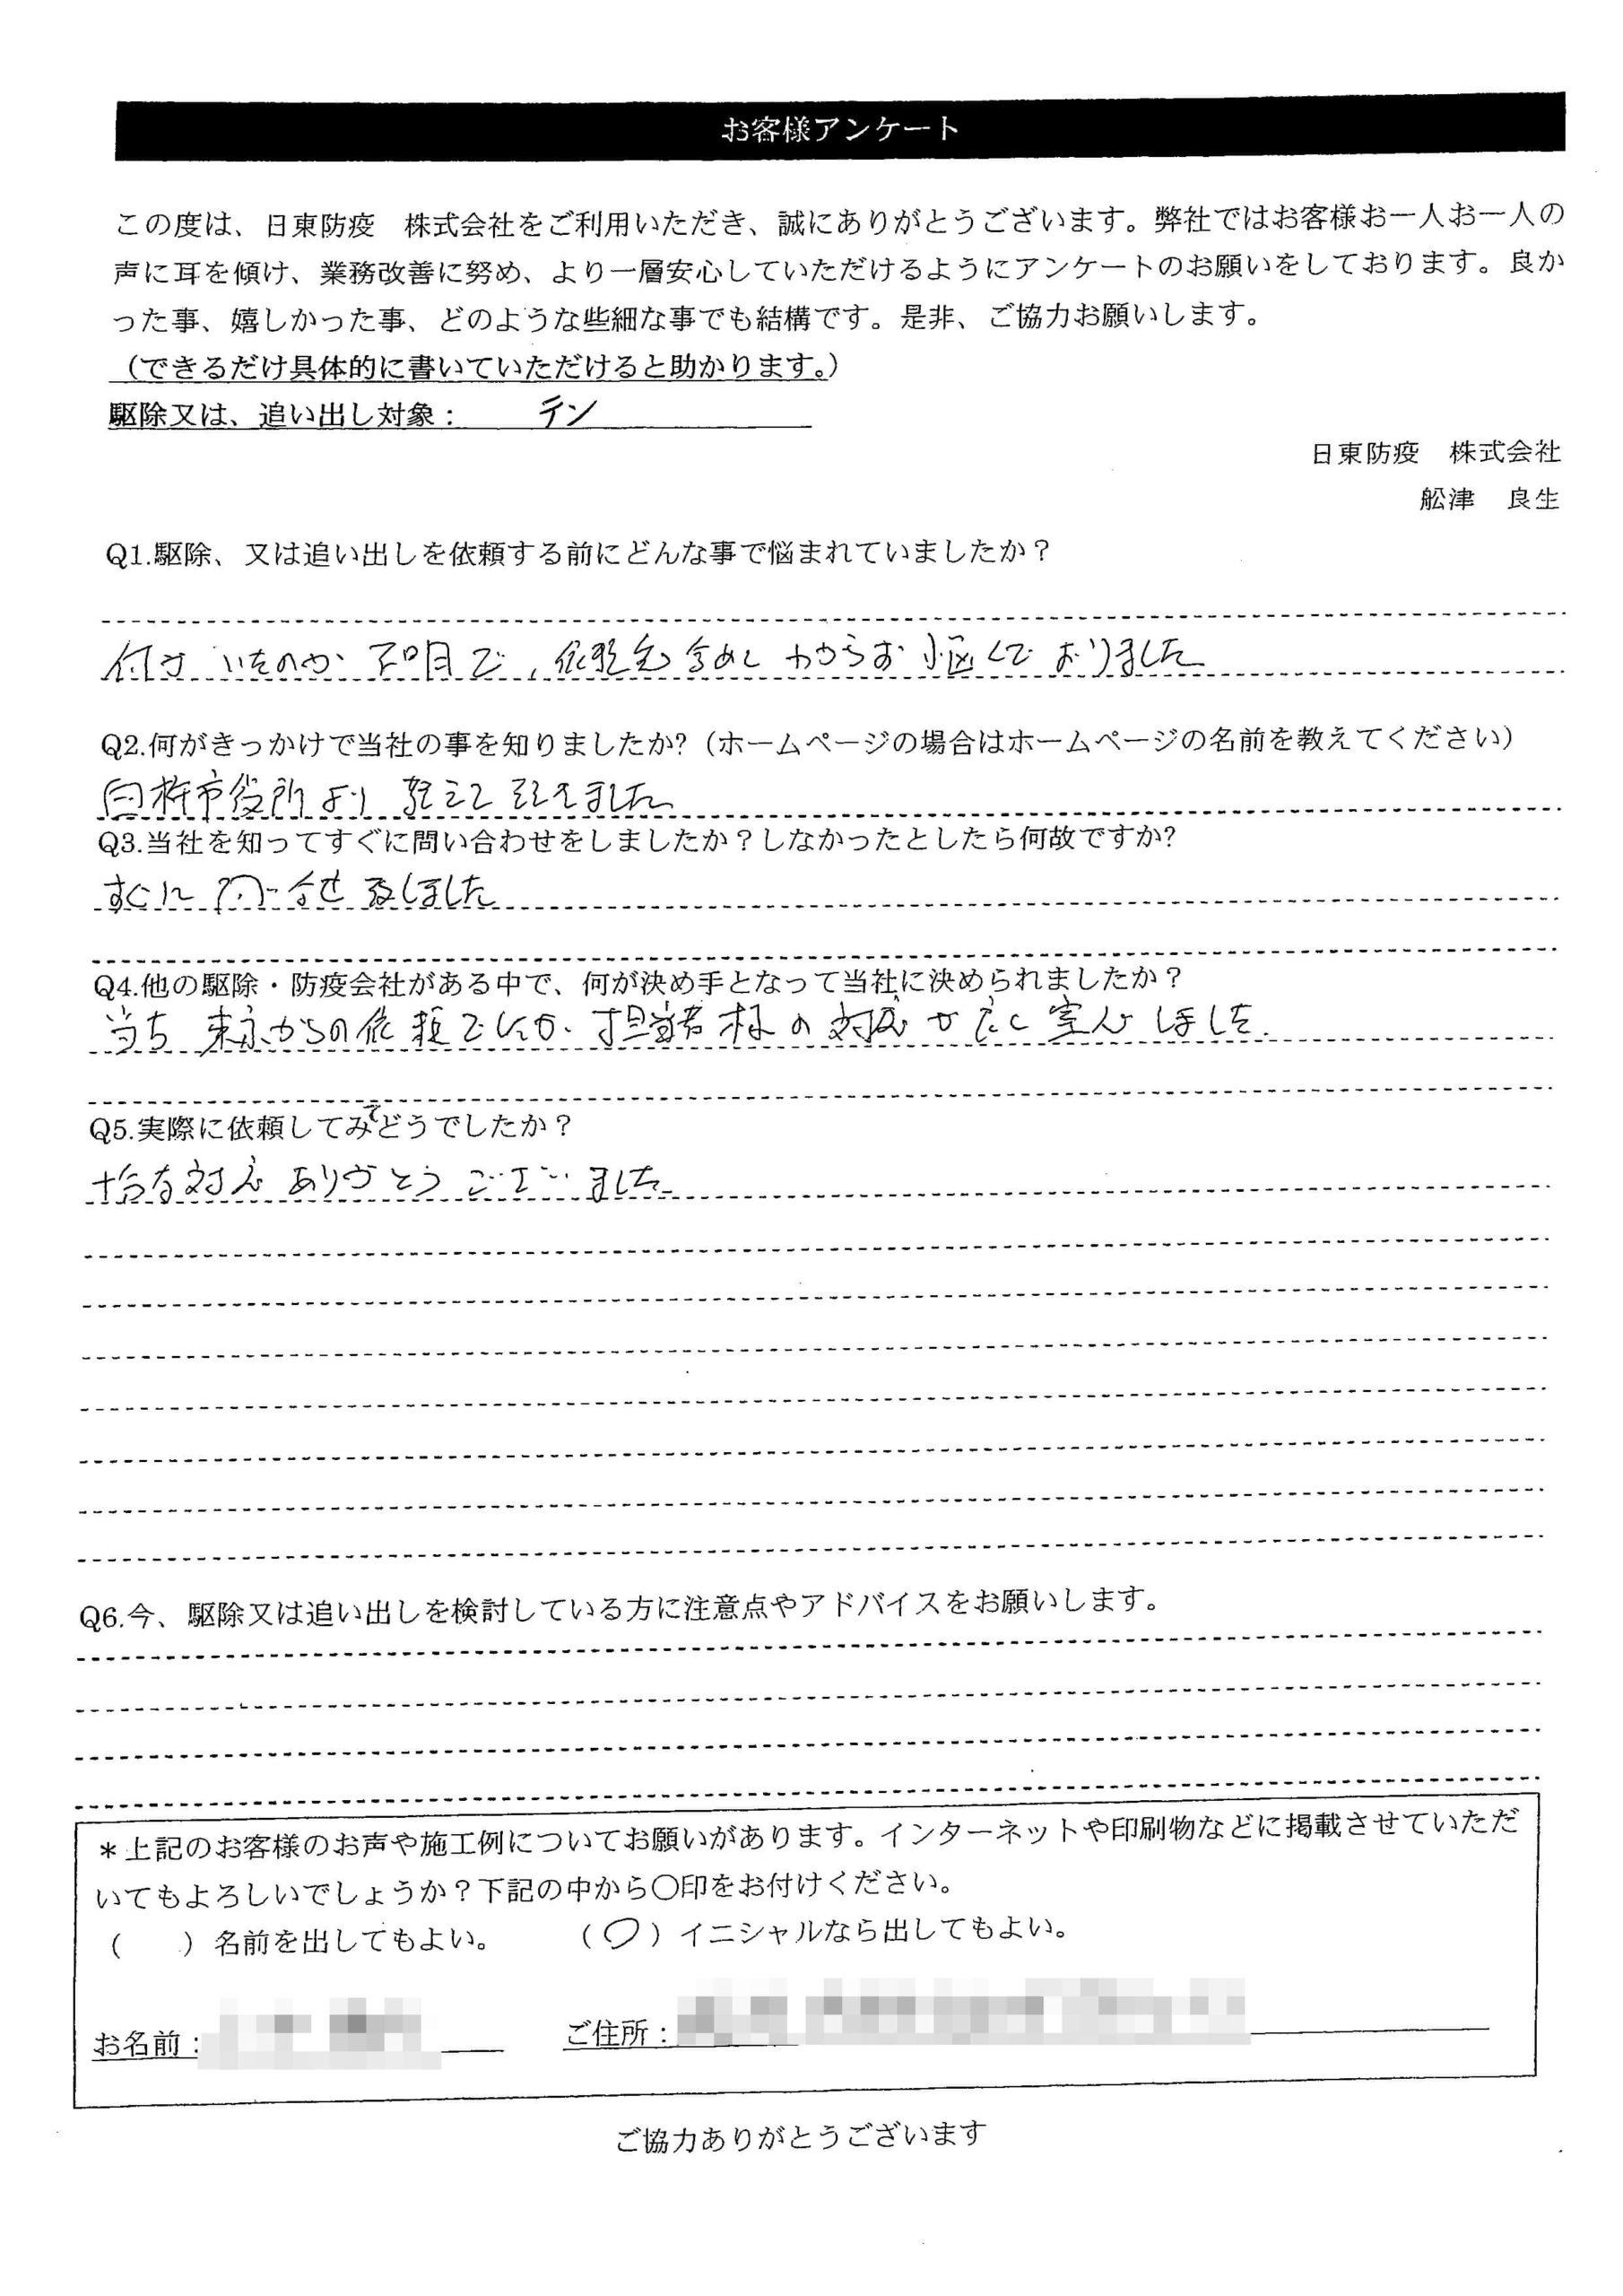 画像:K様アンケート用紙